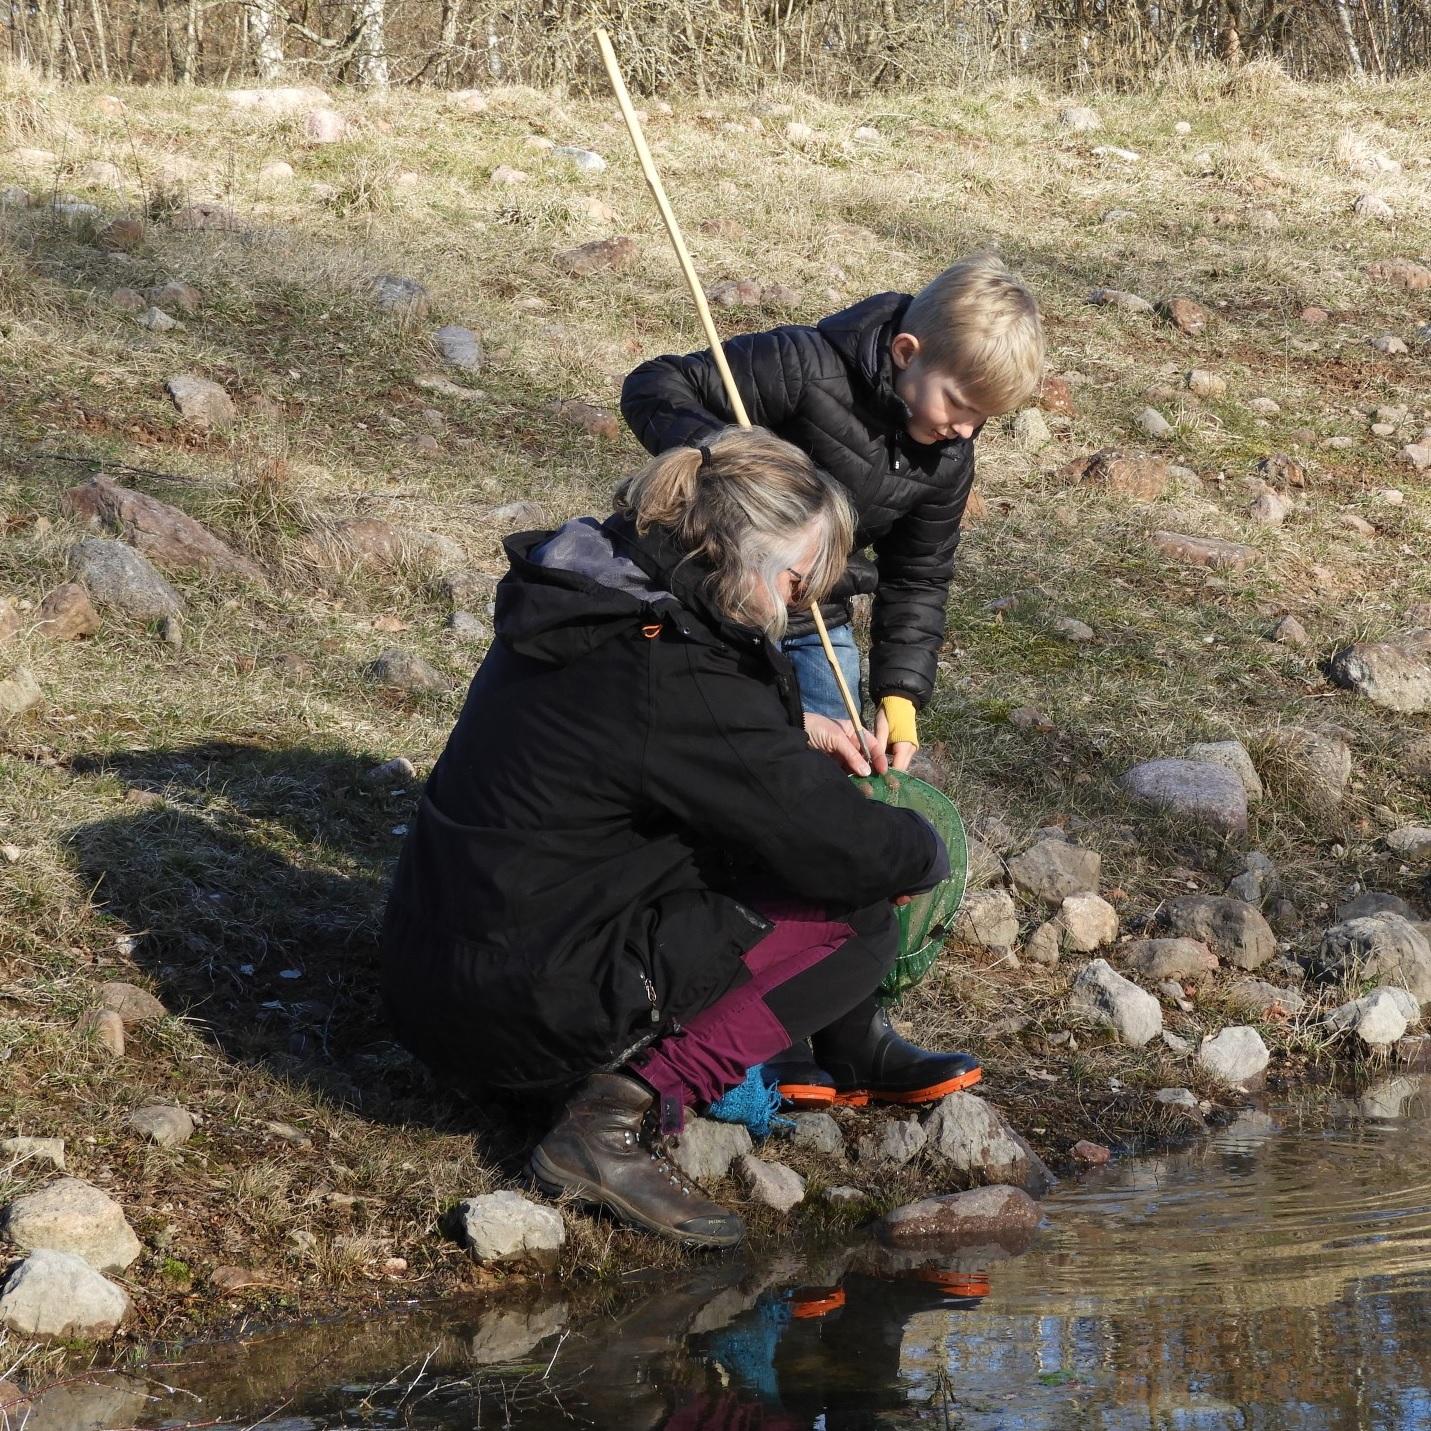 Salamanderspaning på Mittlandsgården, foto: Caroline Kindblom Landtmanson, Ölandsguide